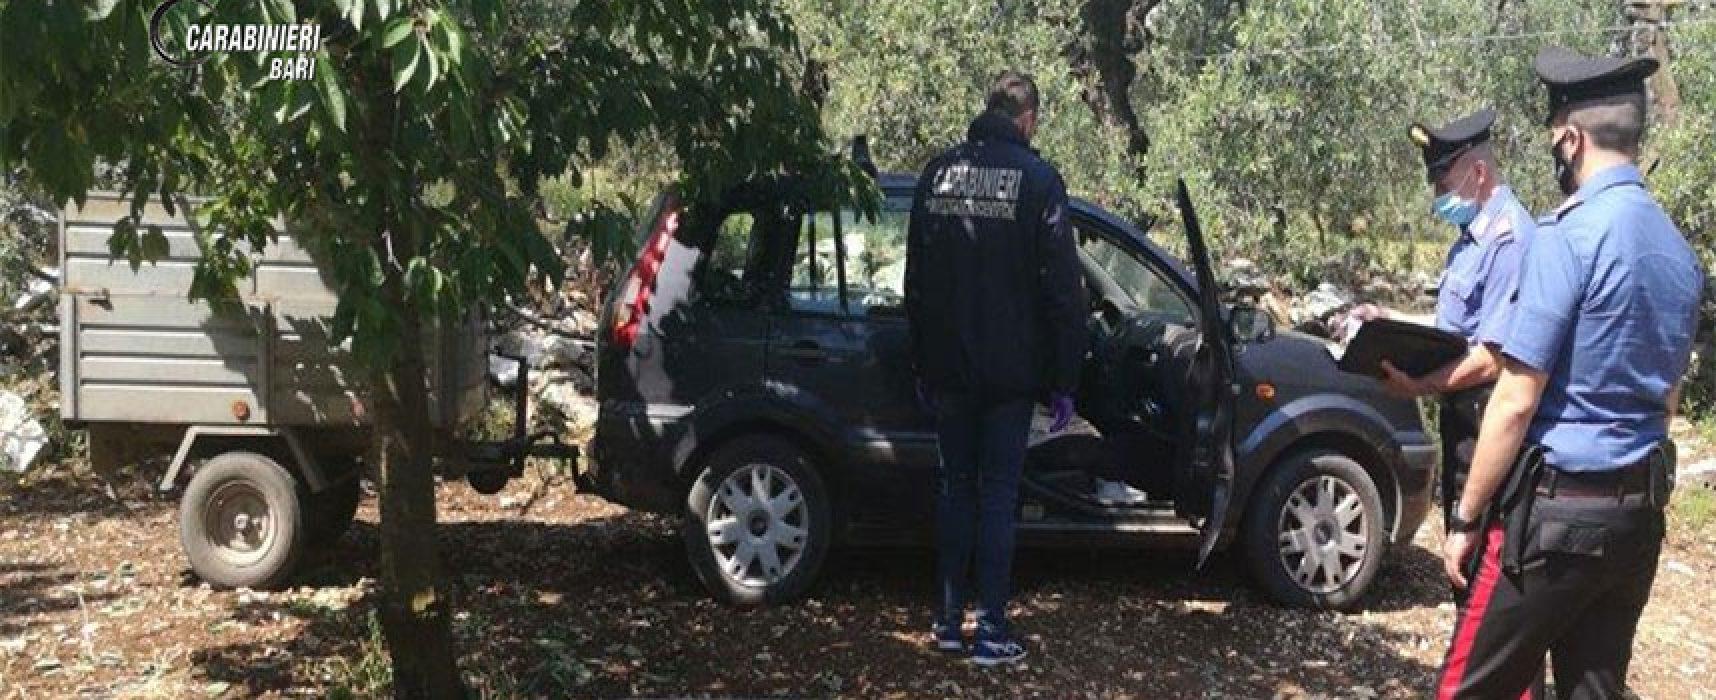 Ruba auto ad agricoltore biscegliese e chiede denaro per la restituzione, arrestato